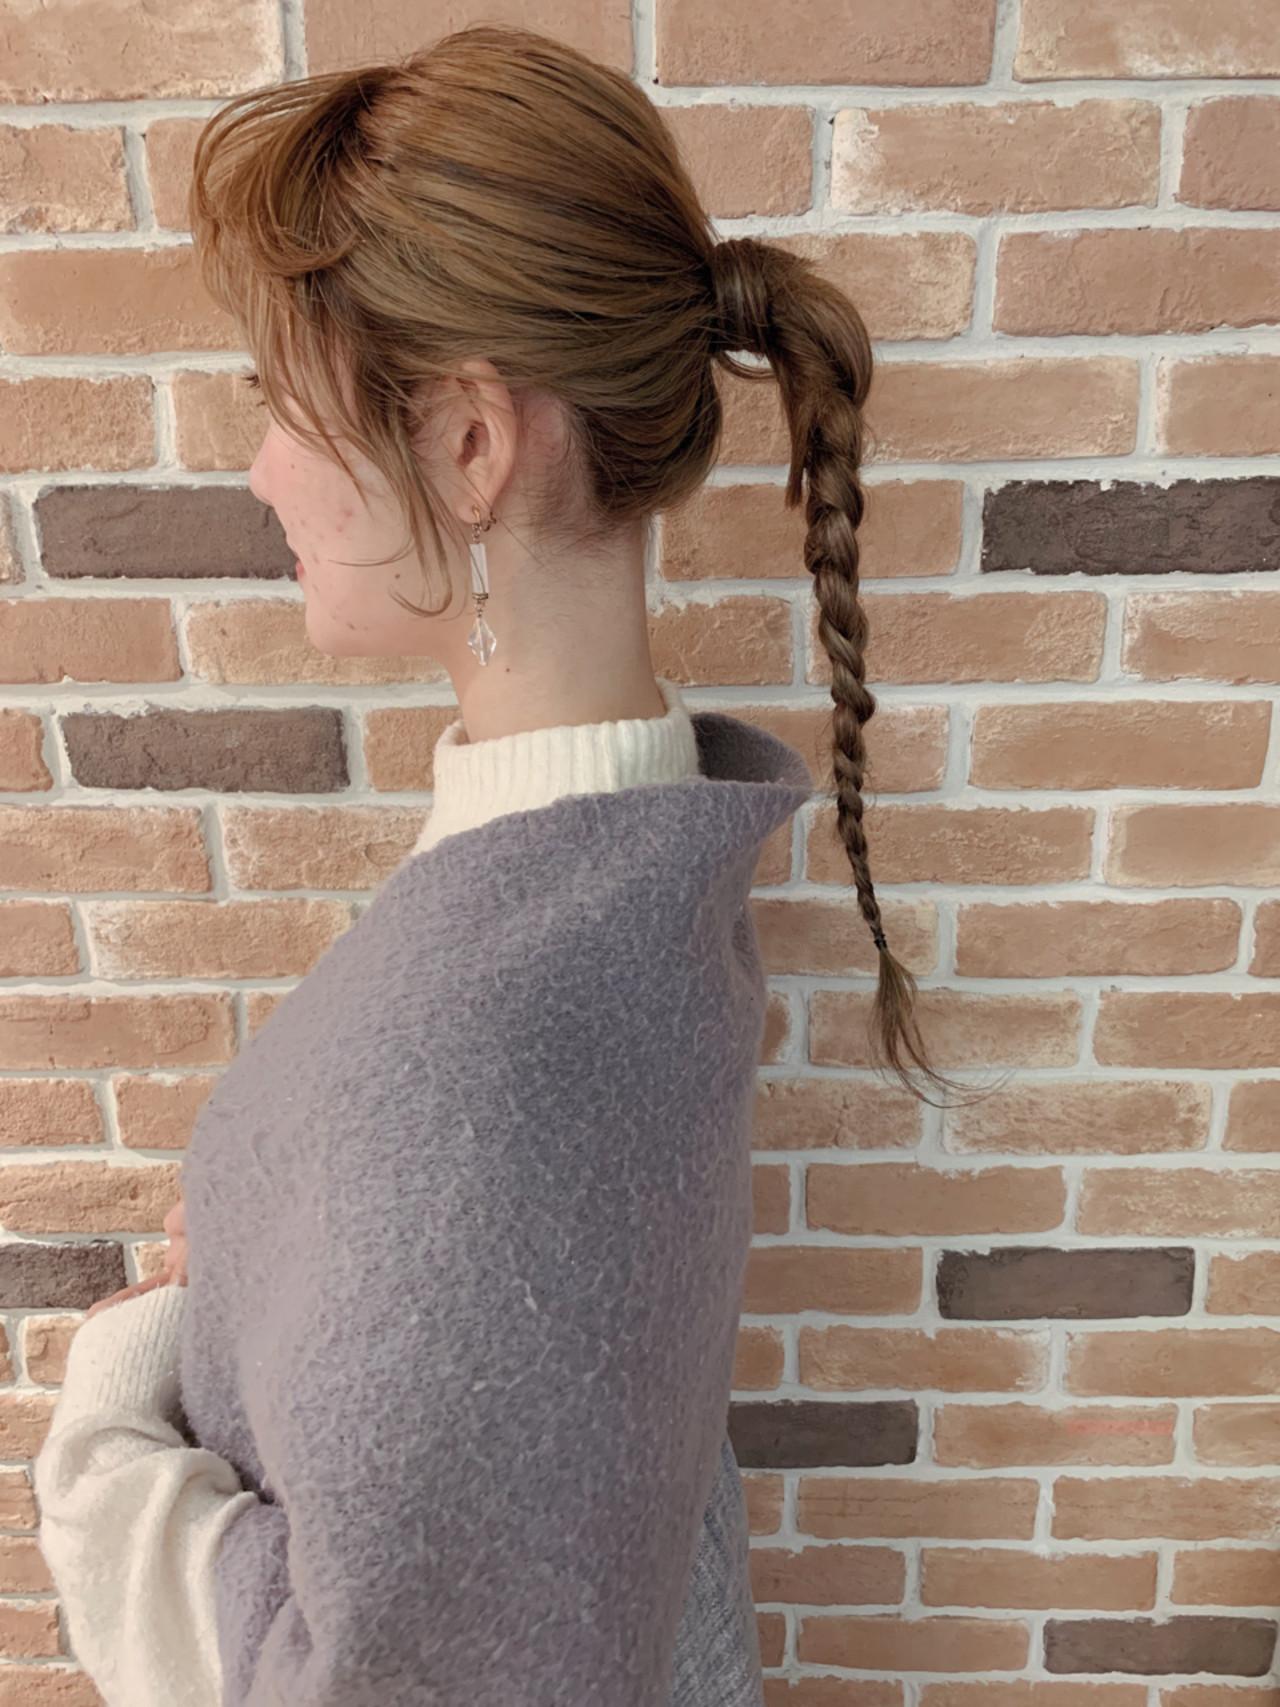 ヘアアレンジ デート アンニュイほつれヘア ナチュラル ヘアスタイルや髪型の写真・画像